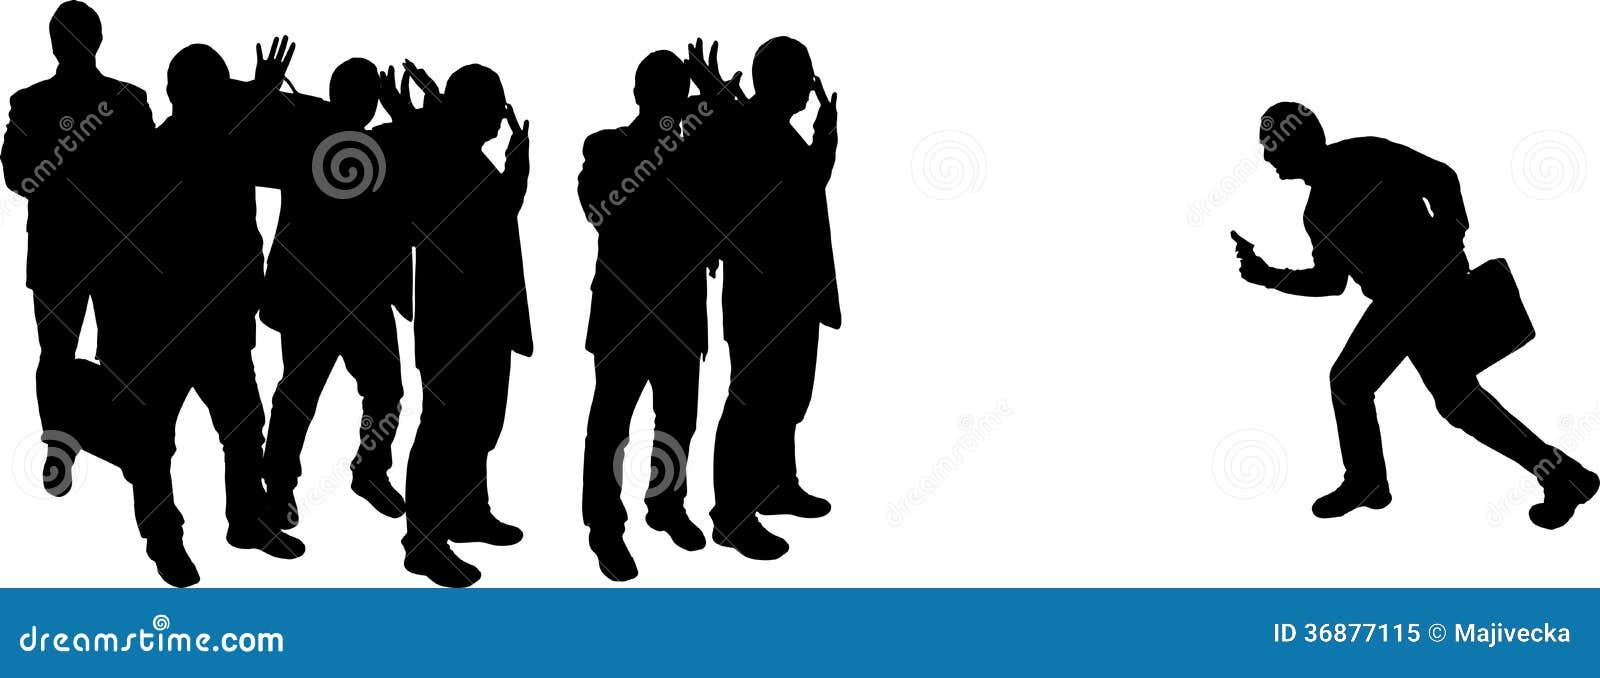 Download Siluette Di Vettore Delle Persone Di Affari Illustrazione Vettoriale - Illustrazione di riunione, persona: 36877115